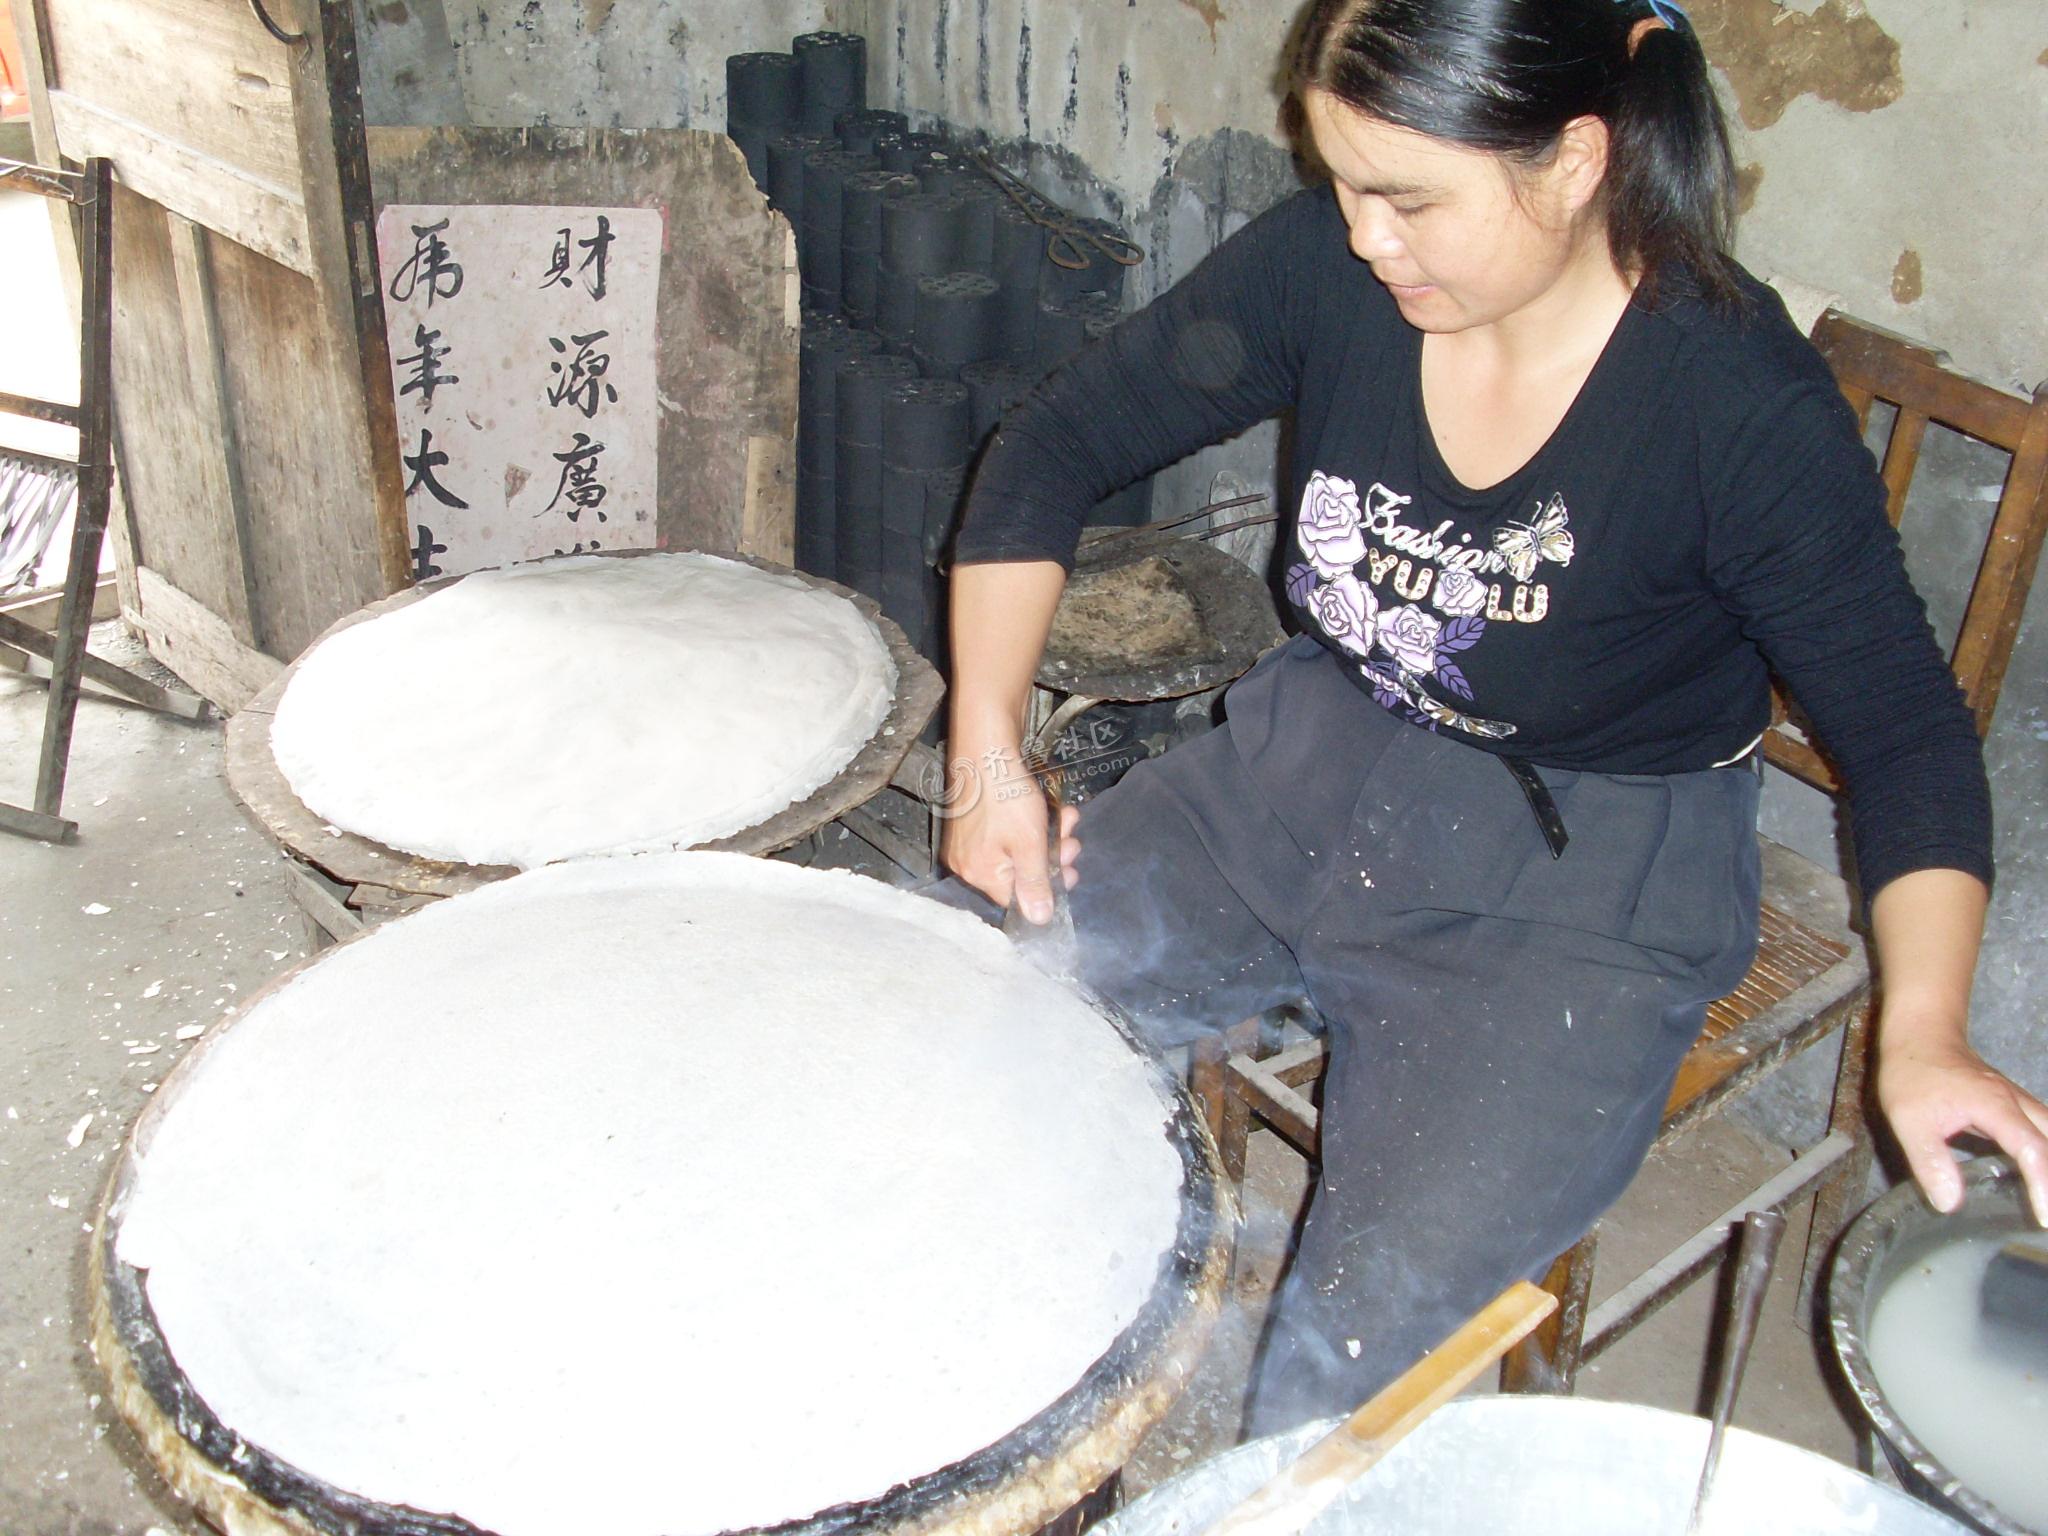 传统手艺——手工煎饼制作过程